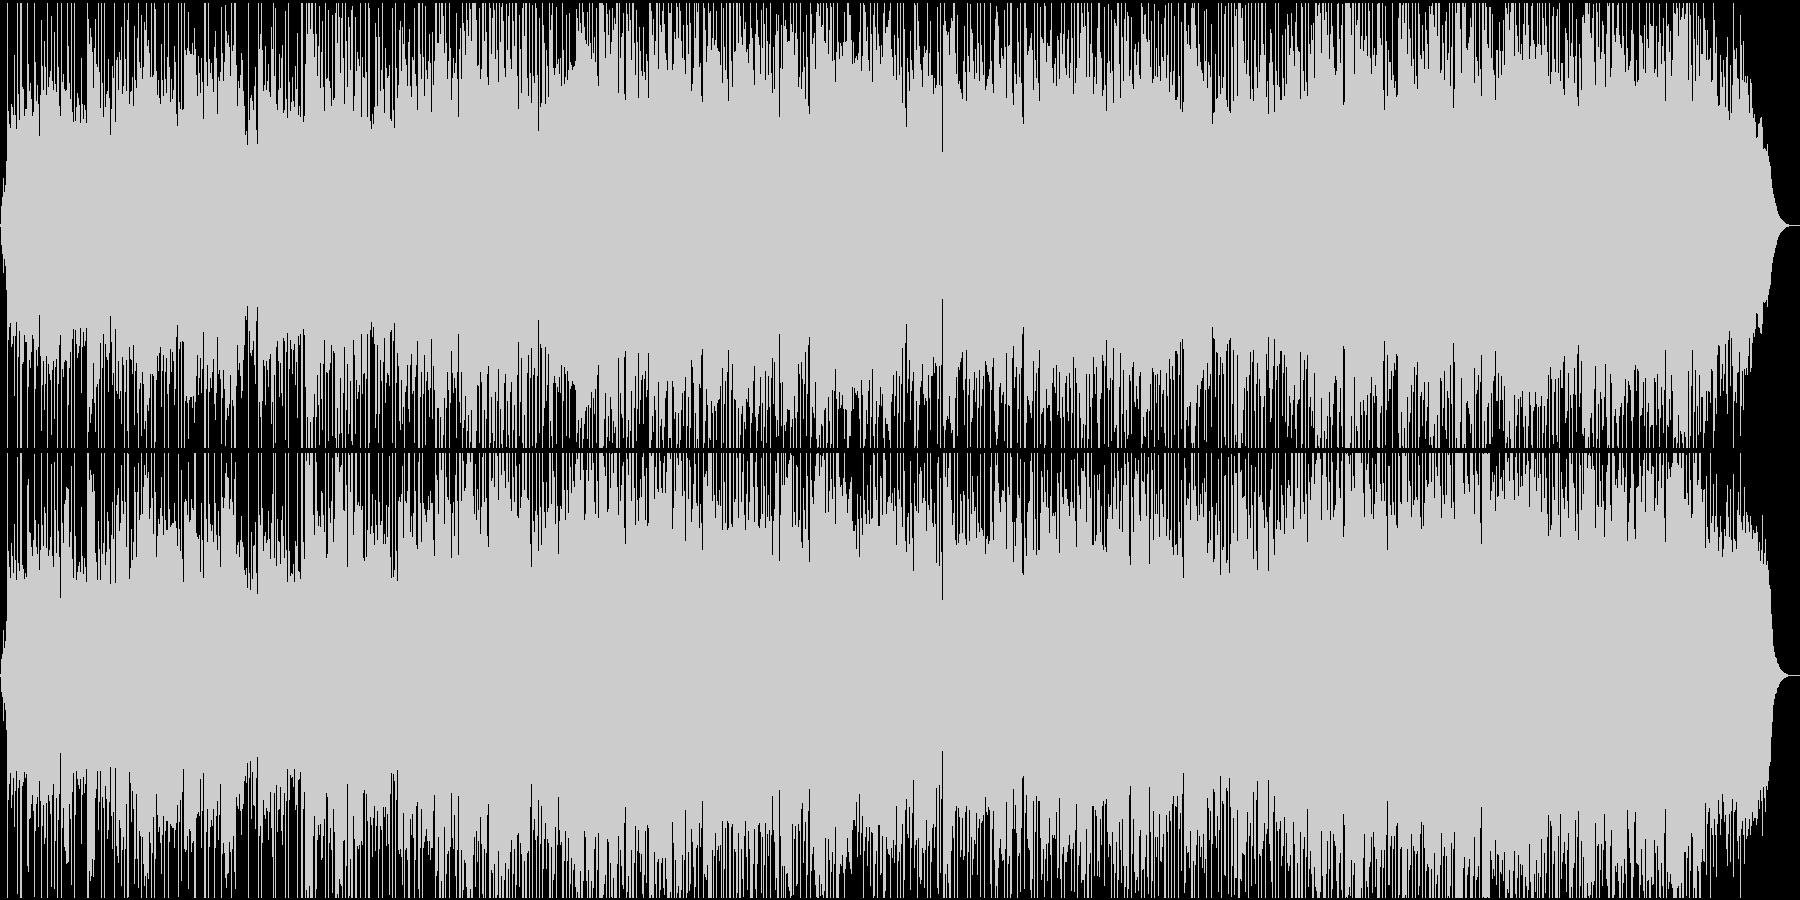 甘いエレキギターの切ないバラードの未再生の波形